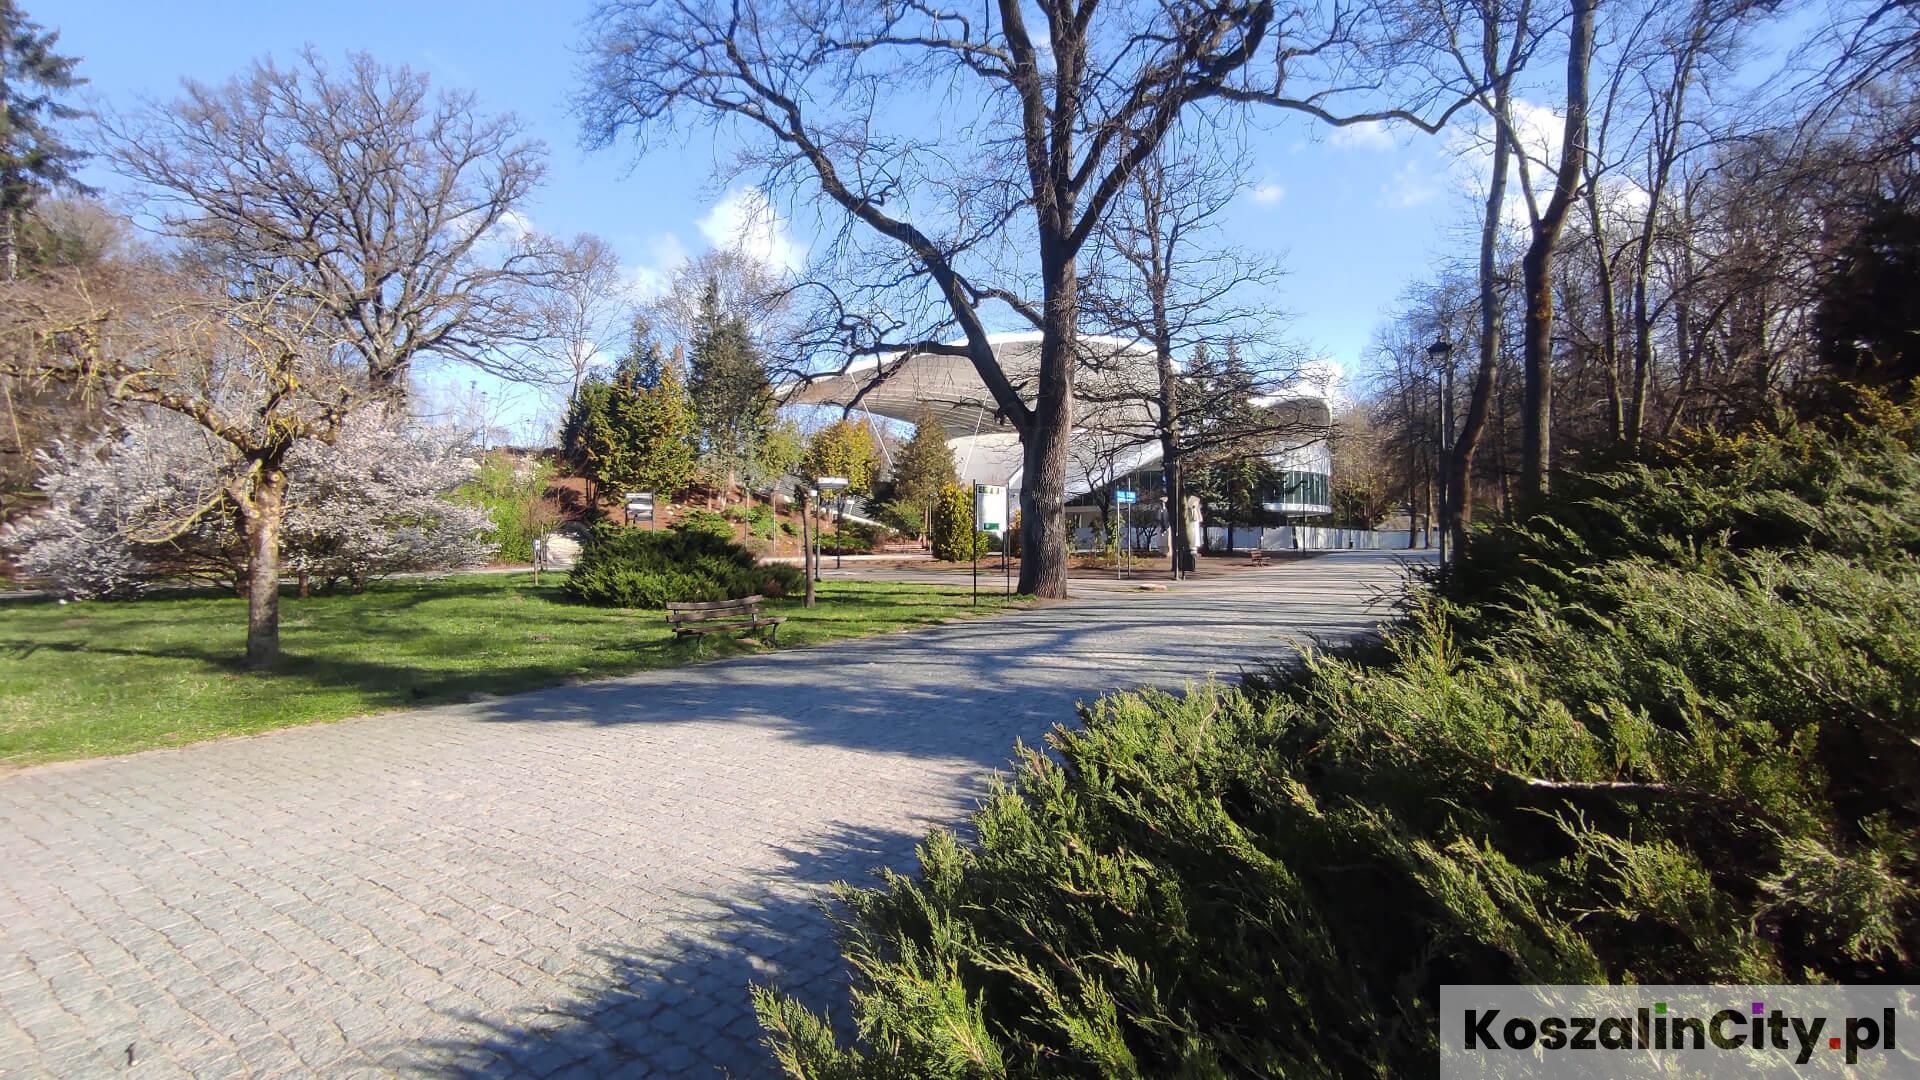 Amfiteatr w Koszalinie